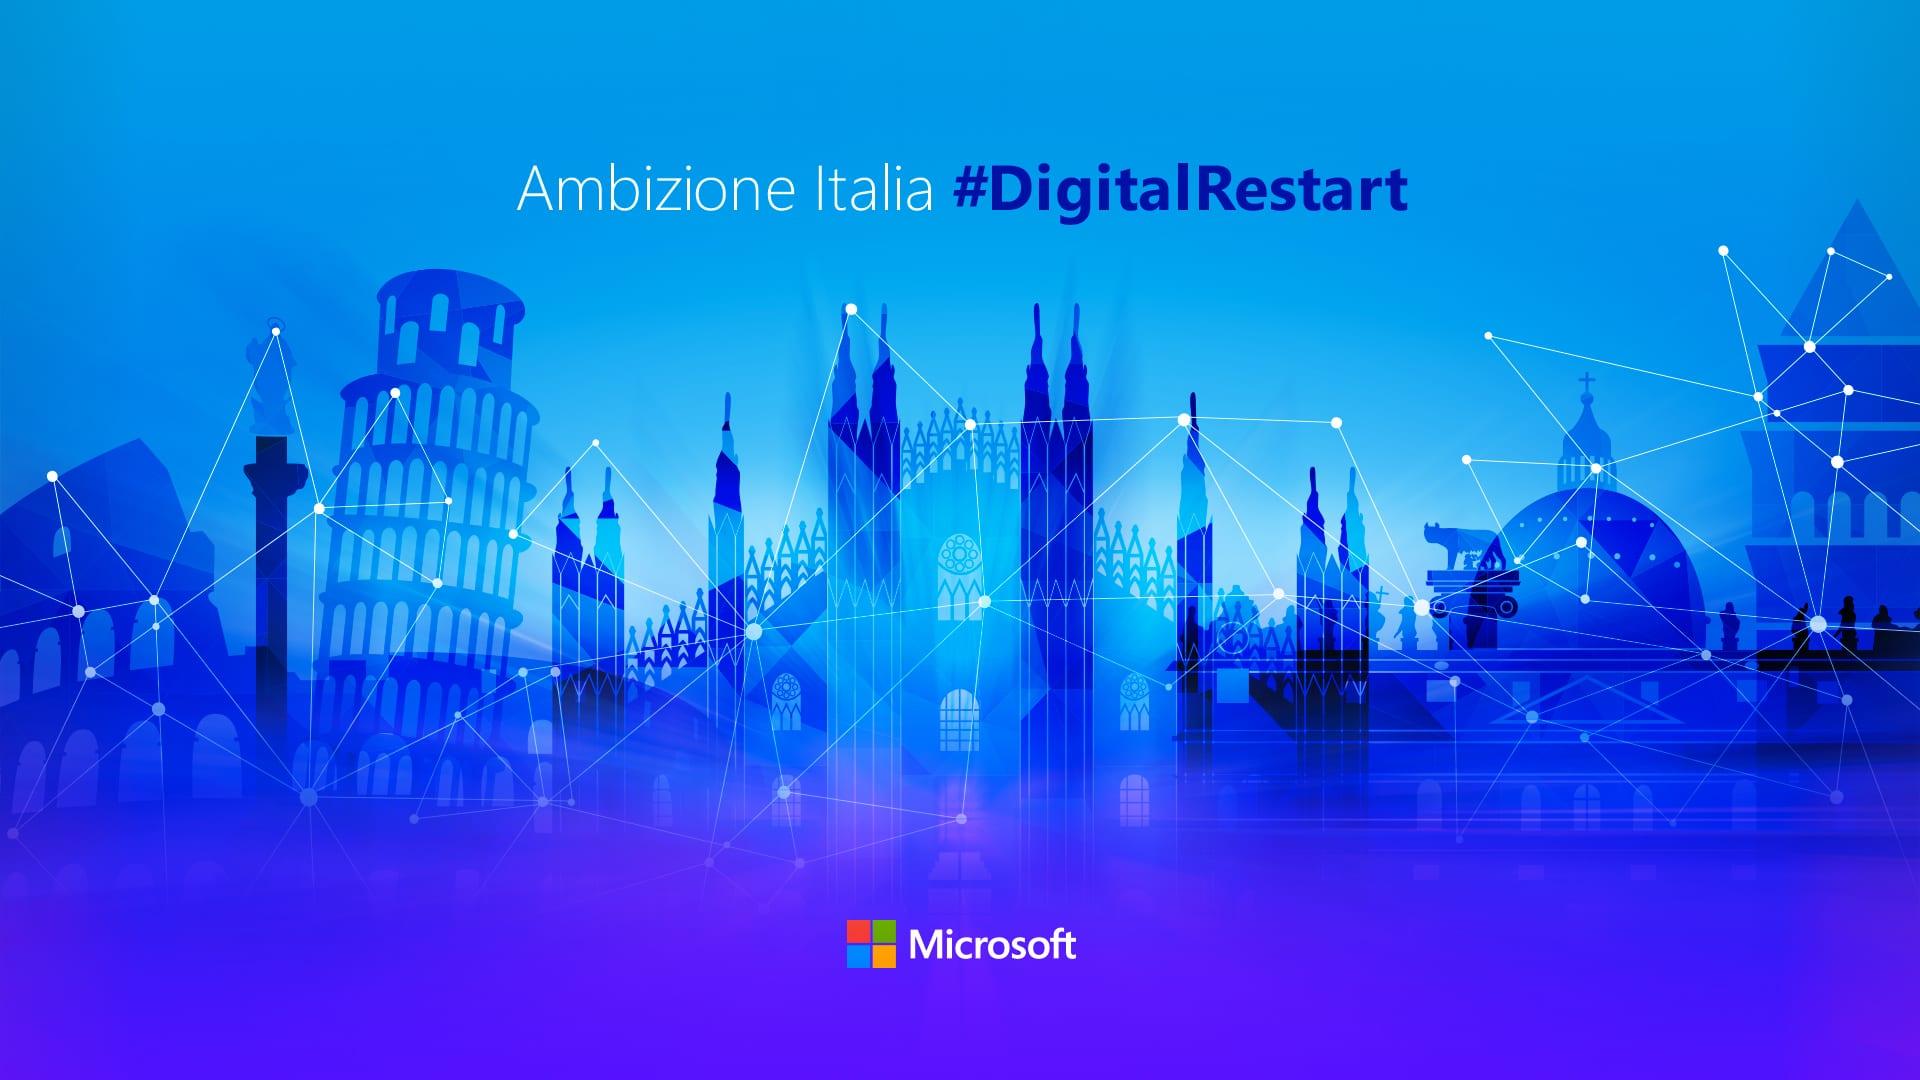 Microsoft investe 1.5 miliardi di dollari sull'Italia